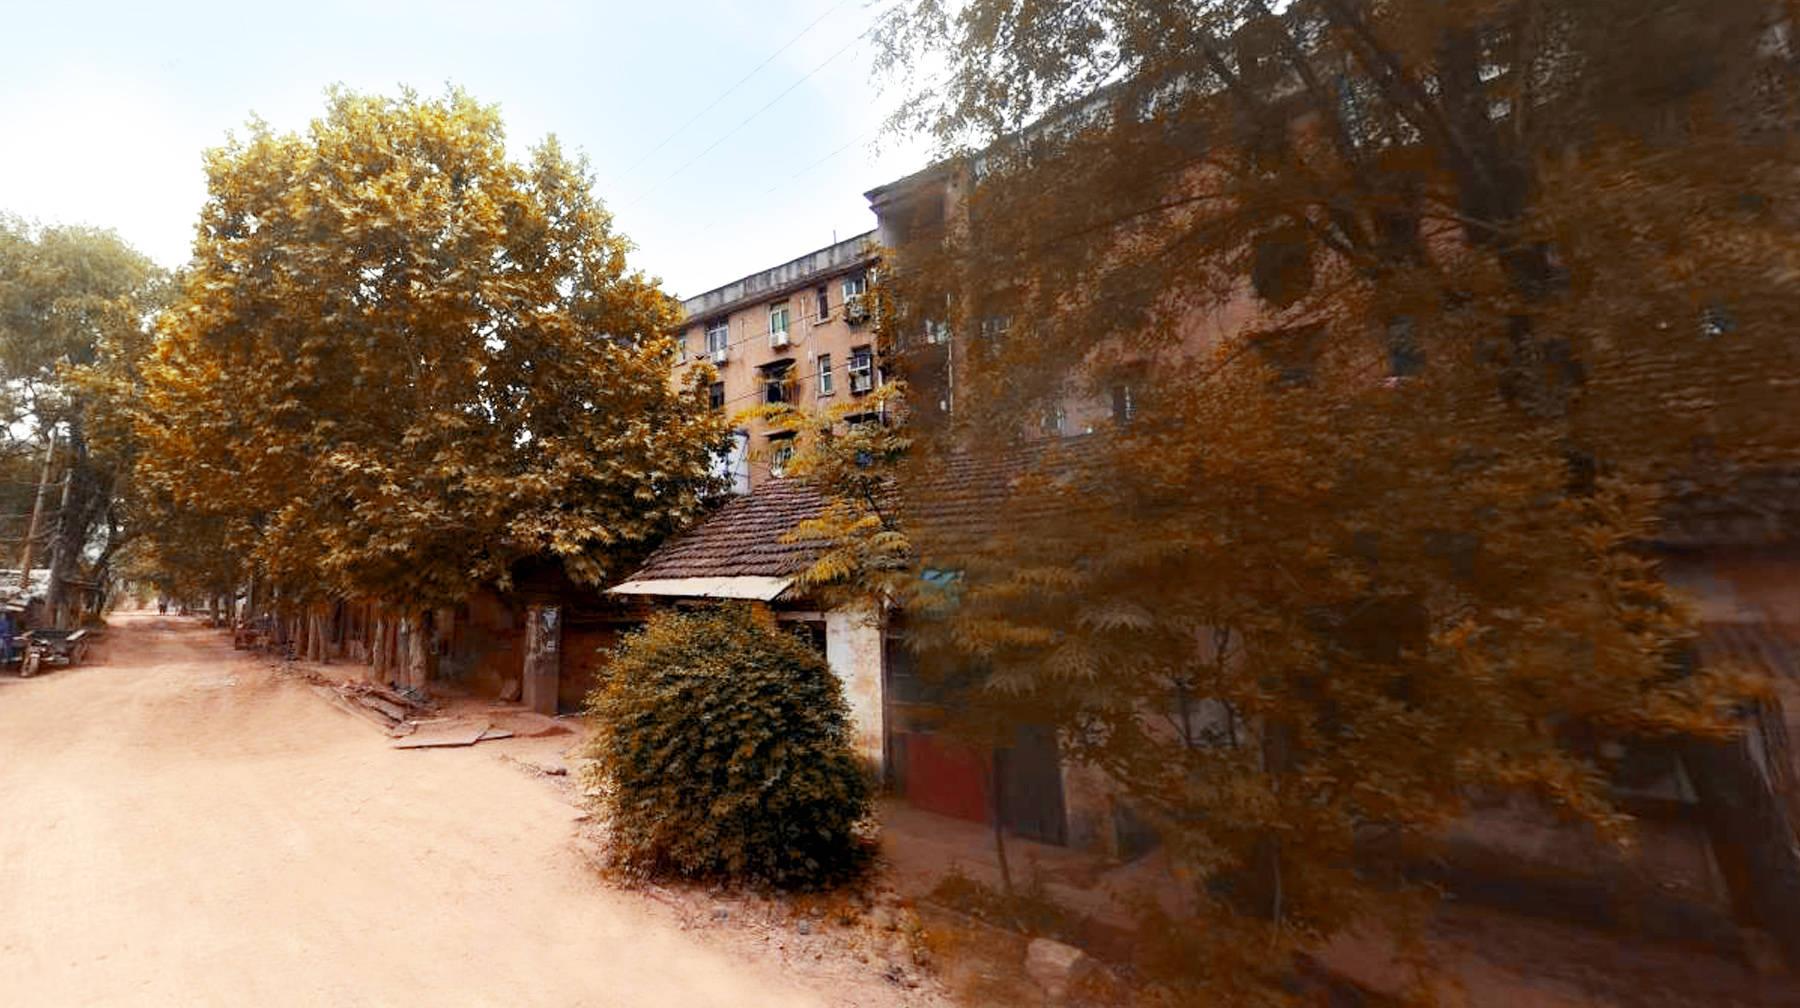 打卡武汉城区岱山街:遍布矮旧民房如乡镇,还有一处上班的好地方